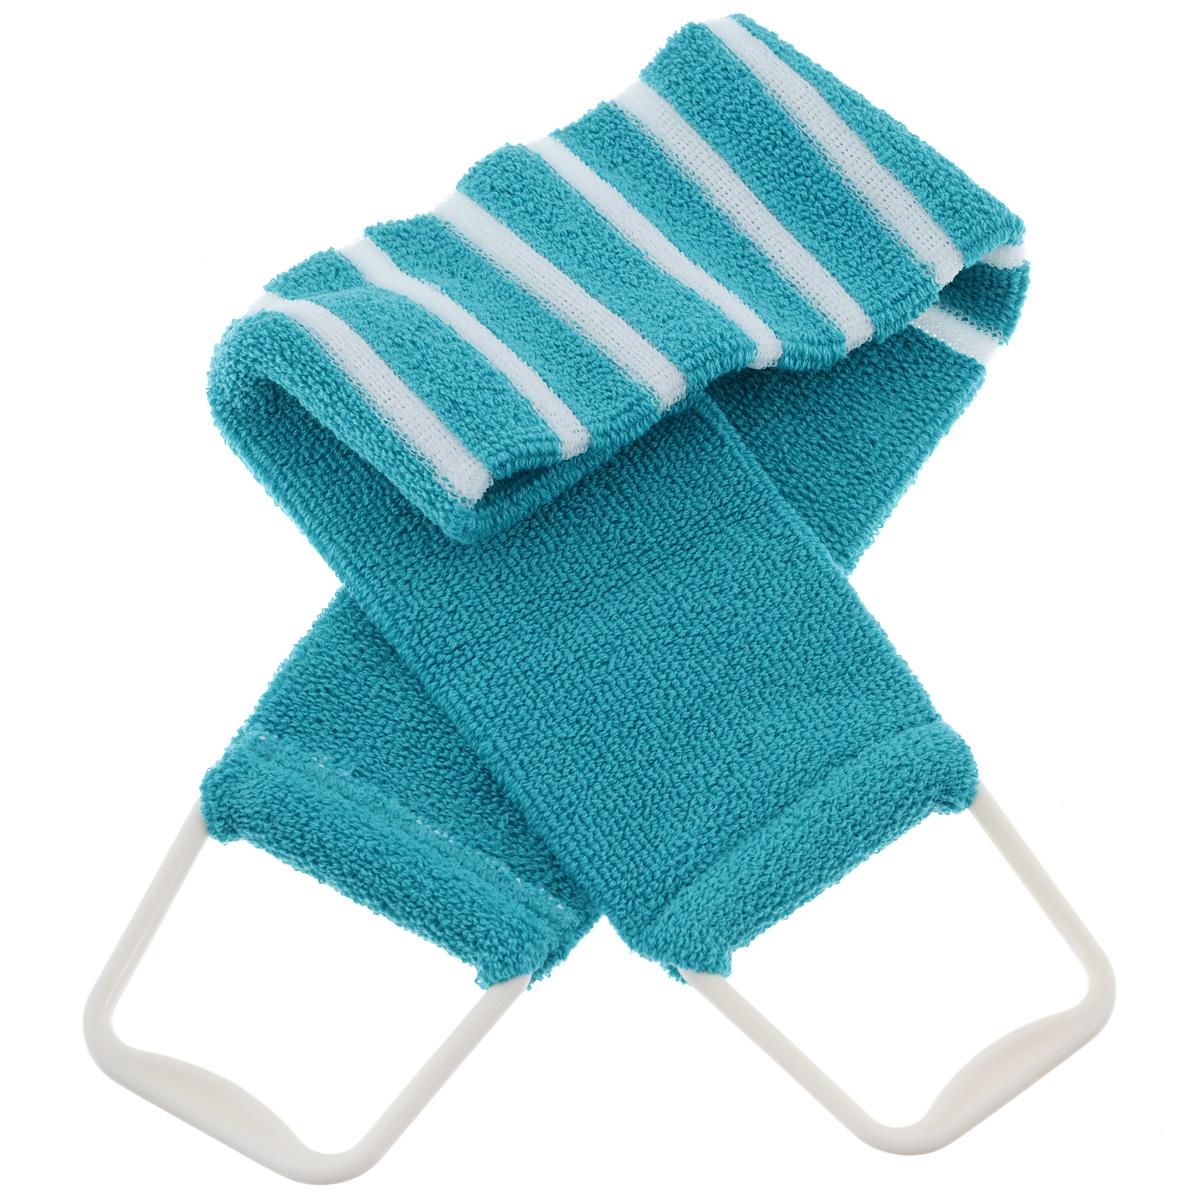 Мочалка 426, цвет: бирюзовый426 бирюзовыйМочалка-пояс Riffi применяется для мытья тела, обладает активным пилинговым действием, тонизируя, массируя и эффективно очищая вашу кожу. Мягкая хлопковая мочалка-пояс хорошо намыливает тело, а ее цветные полоски из жесткой полиэтиленовой махры эффективно удаляют отмершие чешуйки кожи, производя одновременно с пилингом и легкий массаж. Для удобства применения пояс снабжен двумя пластиковыми ручками. Благодаря отшелушивающему эффекту мочалки-пояса, кожа освобождается от отмерших клеток, становится гладкой, упругой и свежей. Интенсивный и пощипывающе свежий массаж тела с применением Riffi стимулирует кровообращение, активирует кровоснабжение, способствует обмену веществ, что в свою очередь позволяет себя чувствовать бодрым и отдохнувшим после принятия душа или ванны. Riffi регенерирует кожу, делает ее приятно нежной, мягкой и лучше готовой к принятию косметических средств. Приносит приятное расслабление всему организму. Борется со спазмами и болями в мышцах, предупреждает образование целлюлита и обеспечивает омолаживающий эффект. Гипоаллергенная.